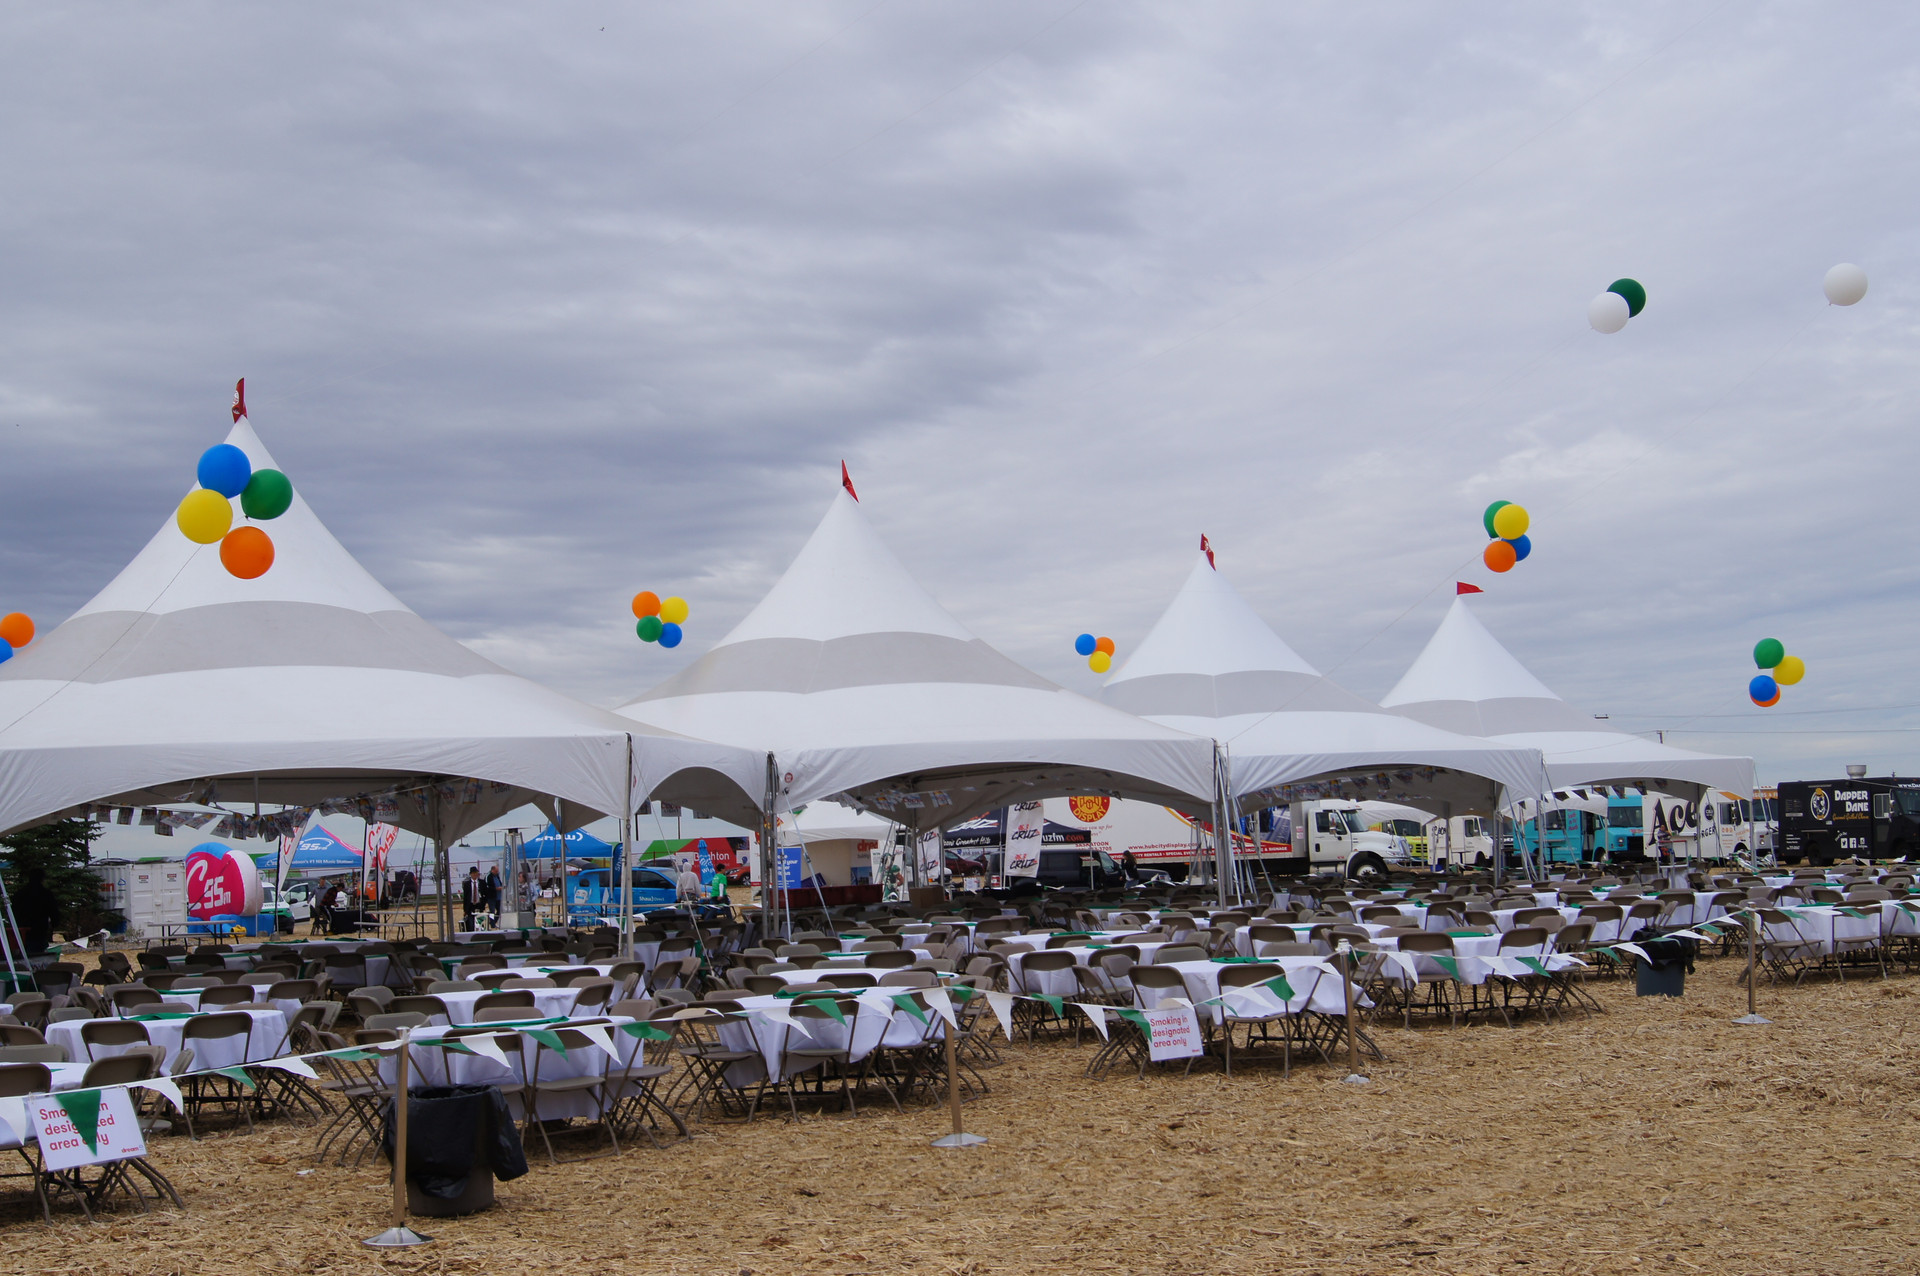 Beer gardens tents